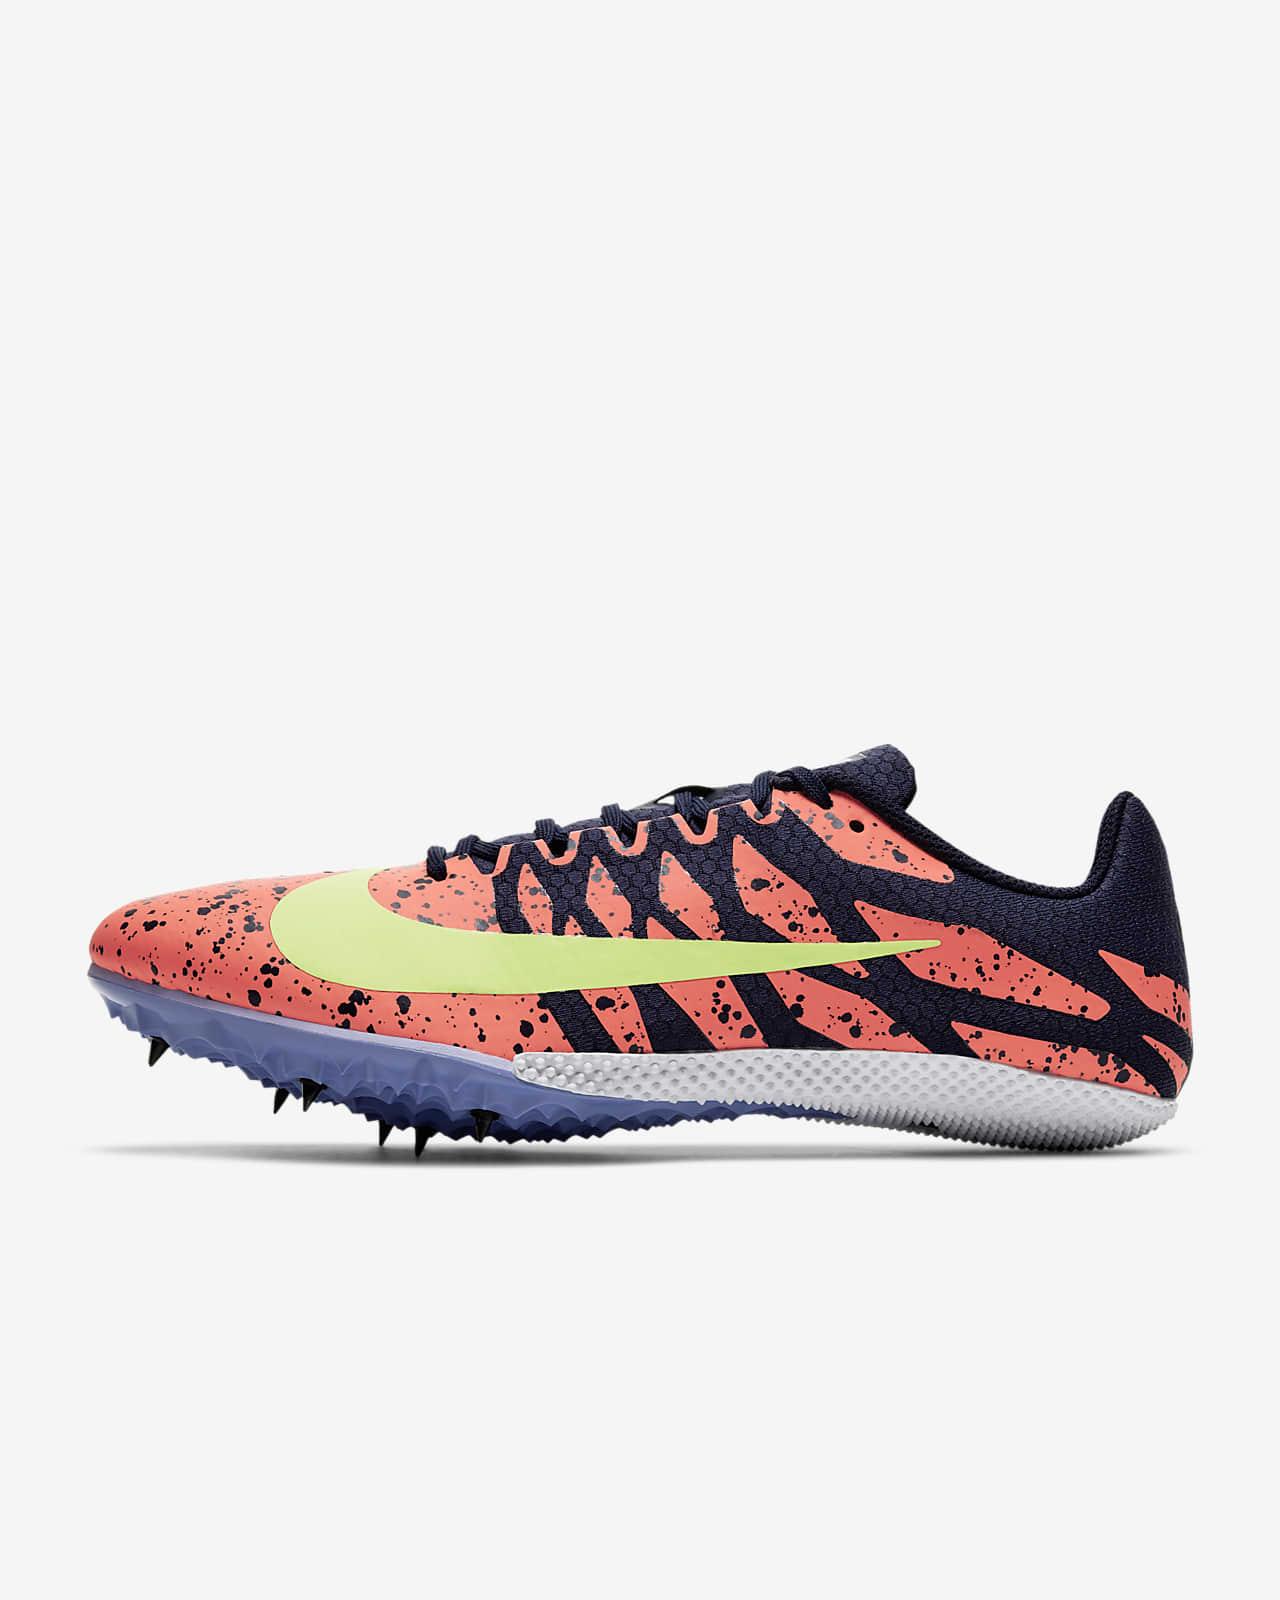 Scarpa chiodata da gara Nike Zoom Rival S 9